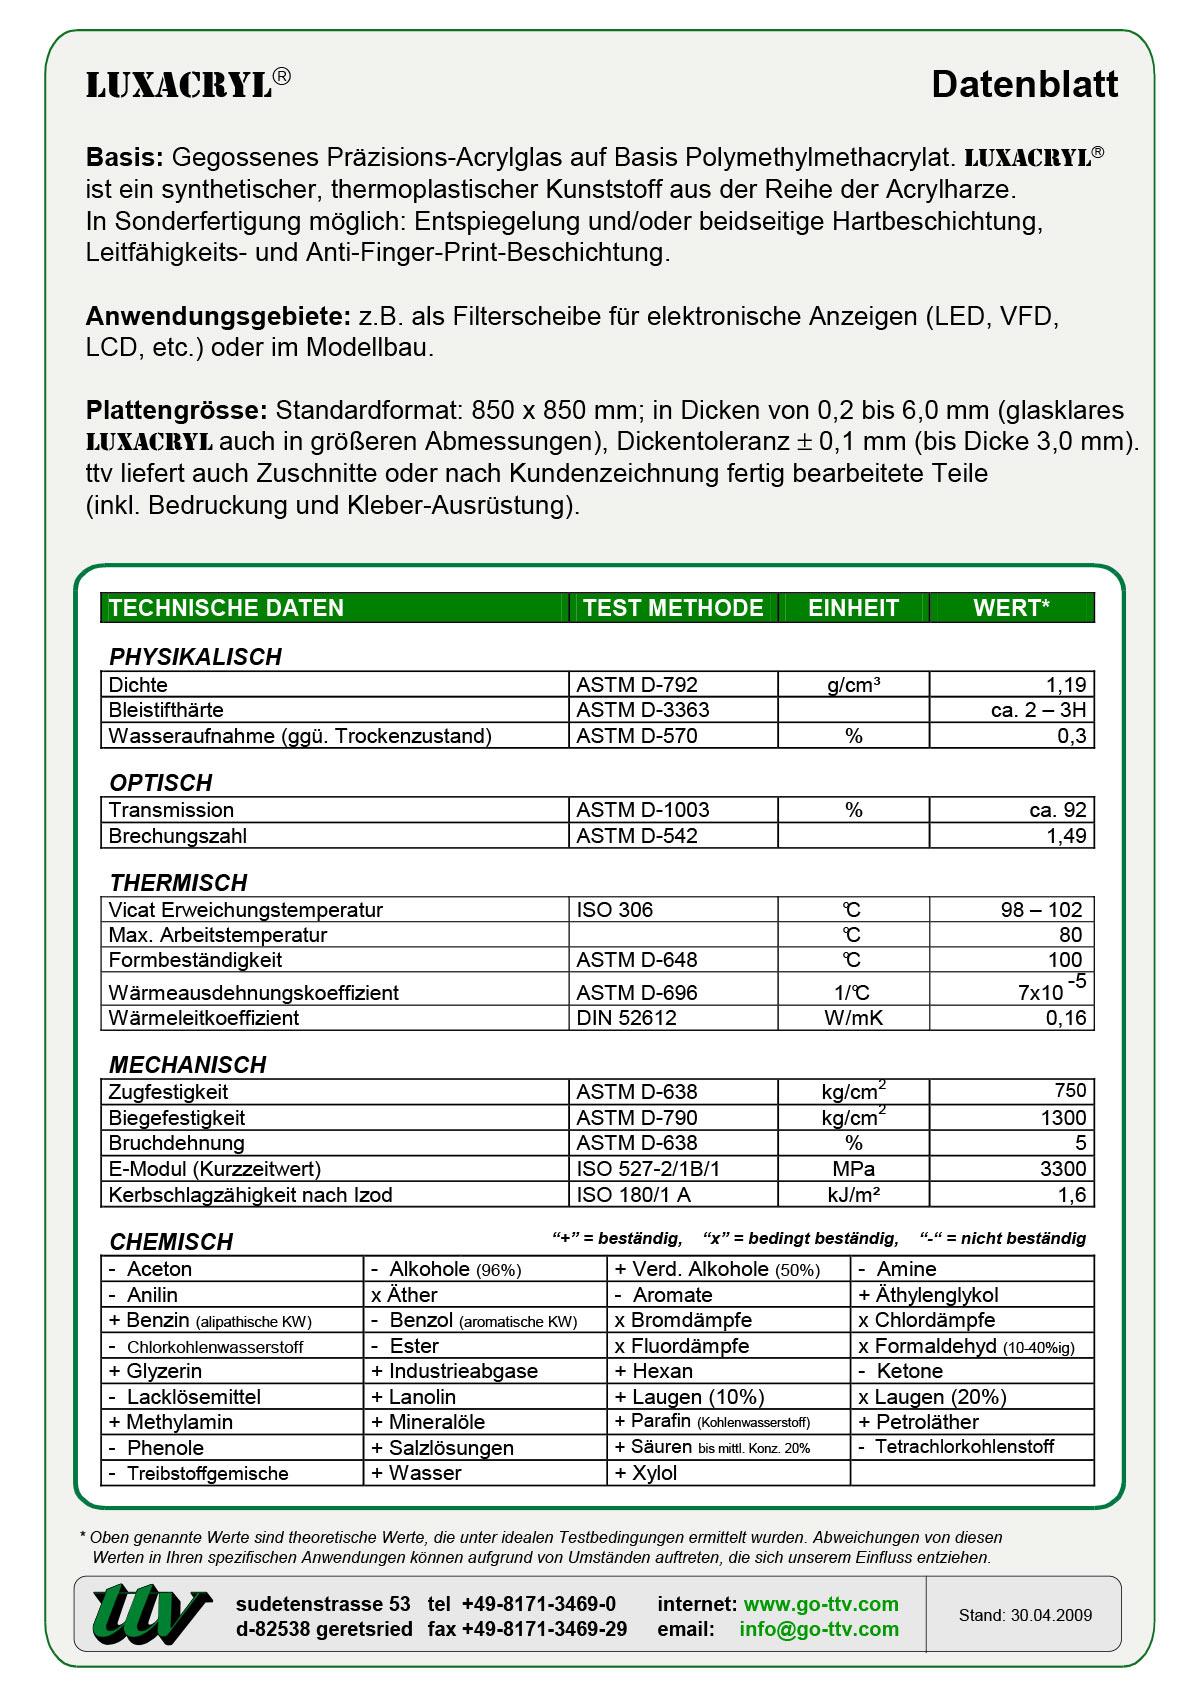 Luxacryl Datenblatt